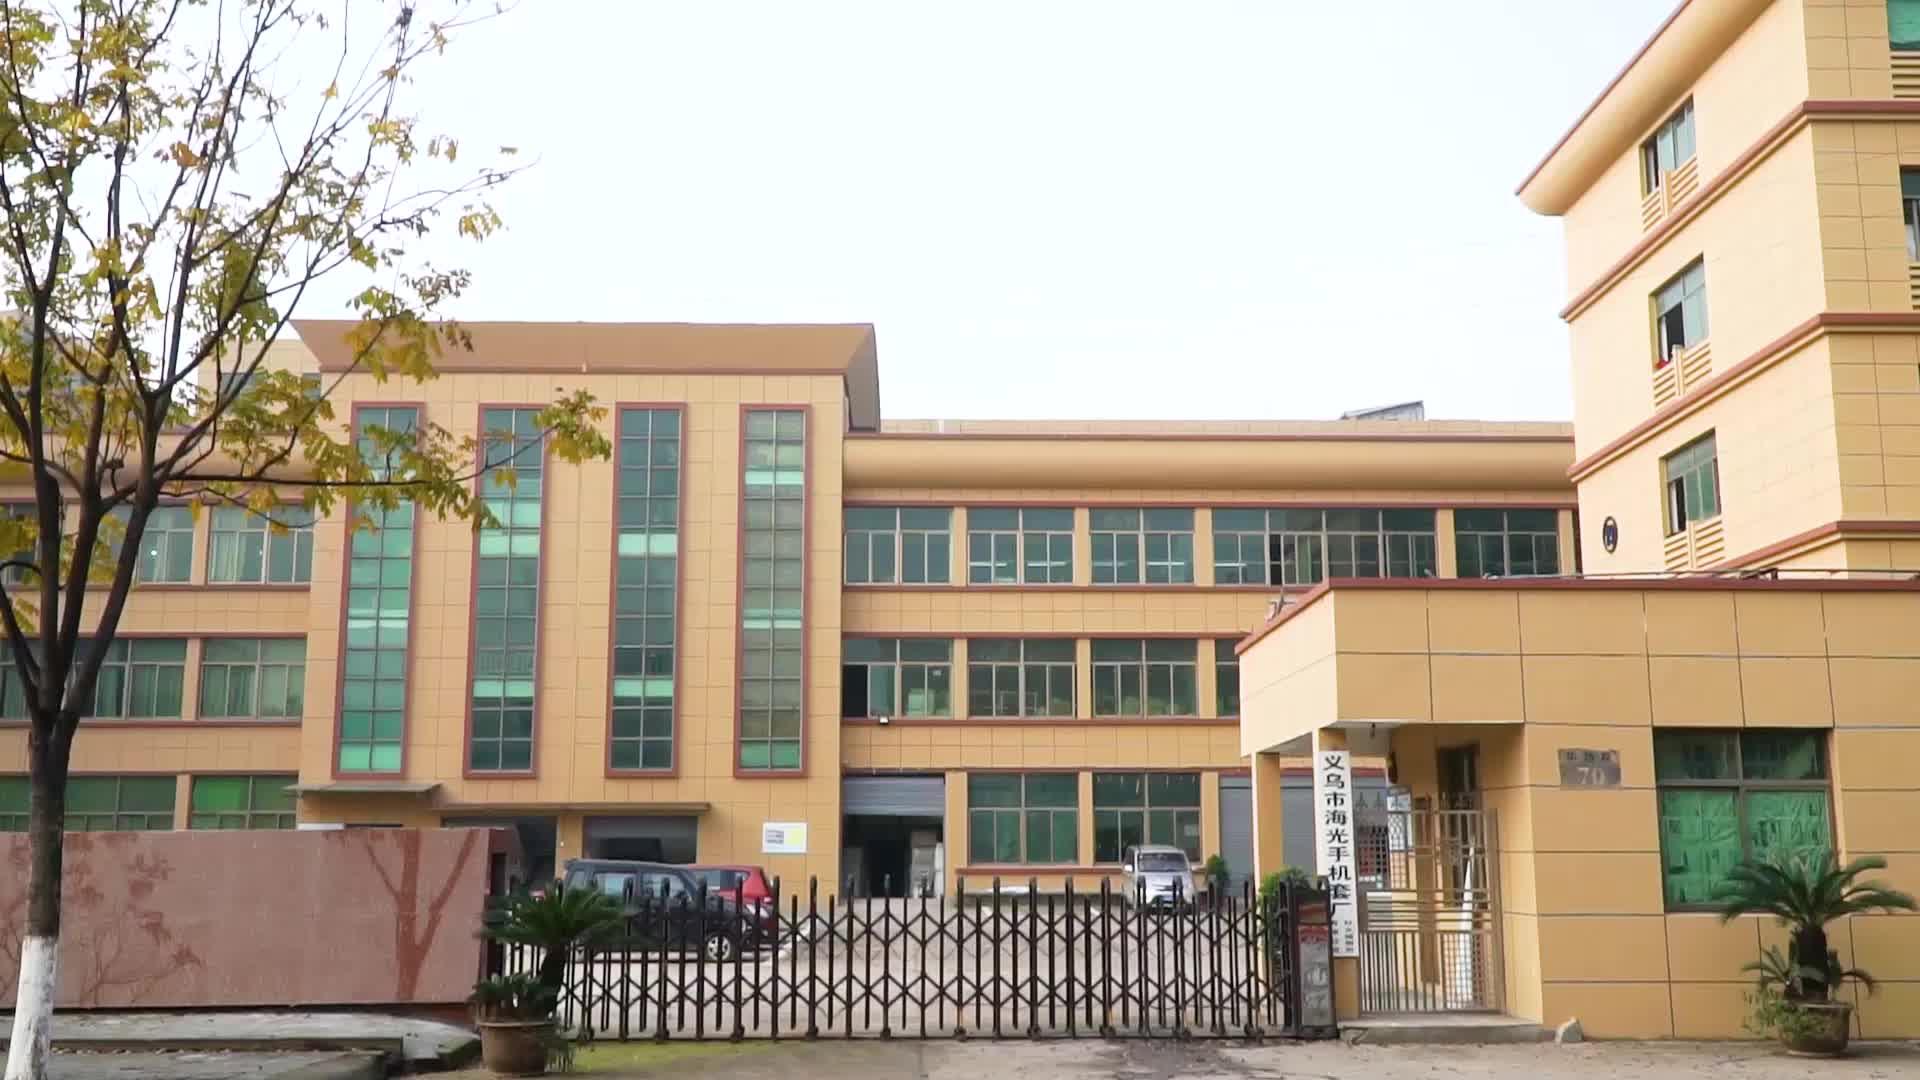 Beste China Yiwu Taschen Sourcing Kauf Verschiffen Agent One Stop Service Visa Einladung Brief Agent